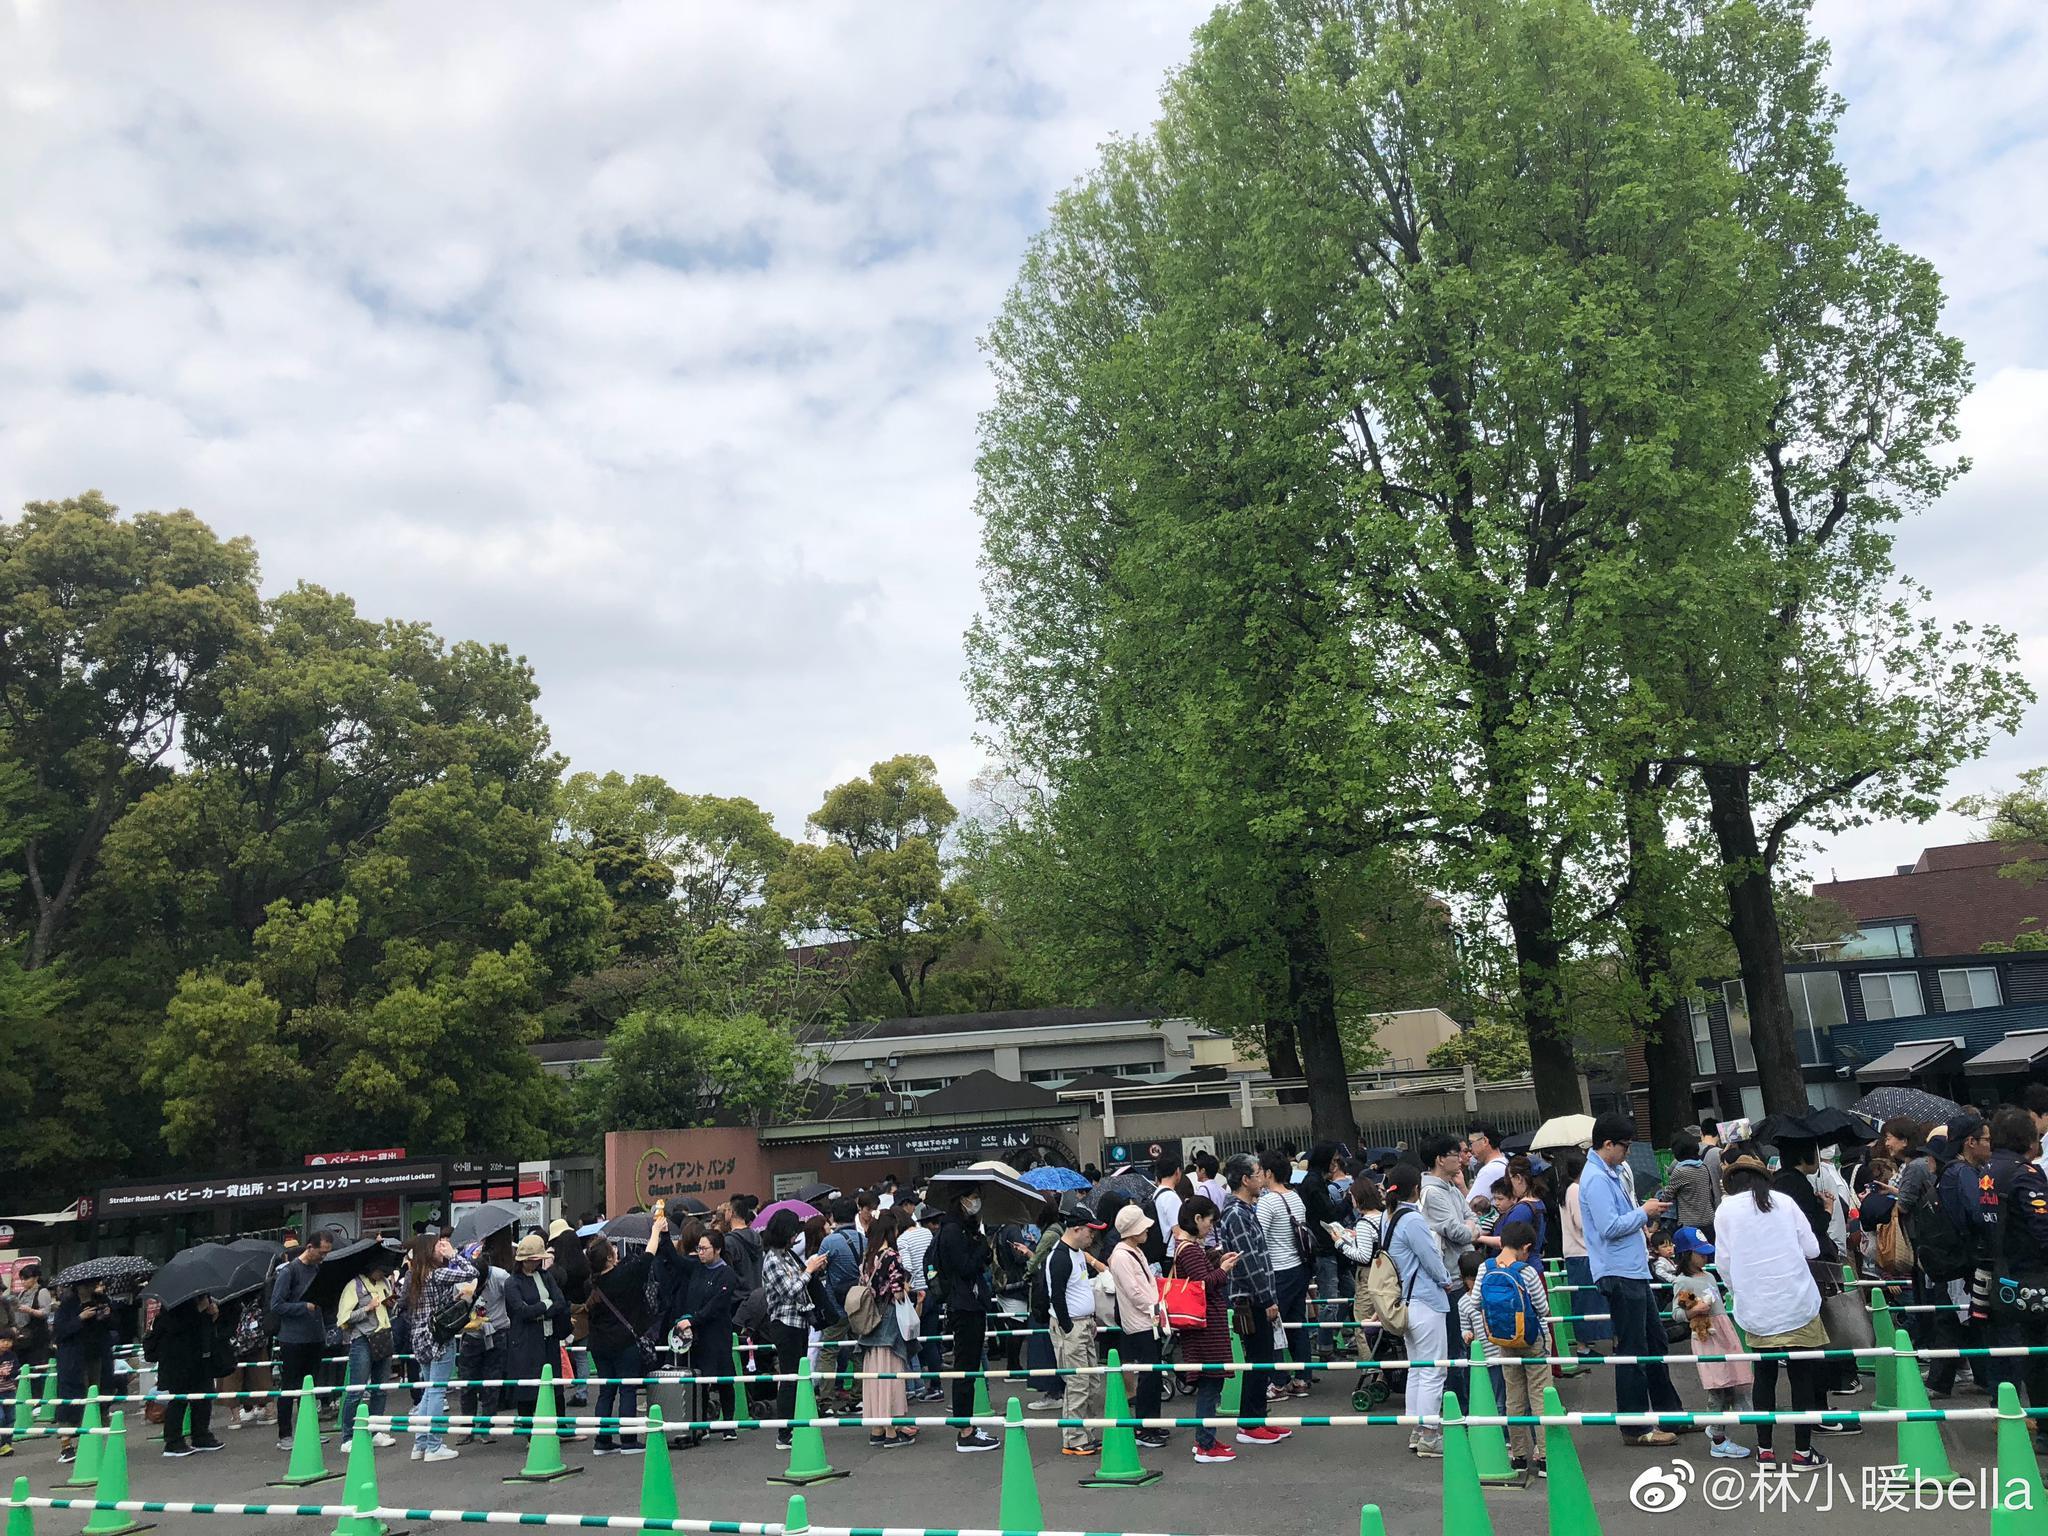 上野公园里的动物园,一进门就是熙熙攘攘的队伍